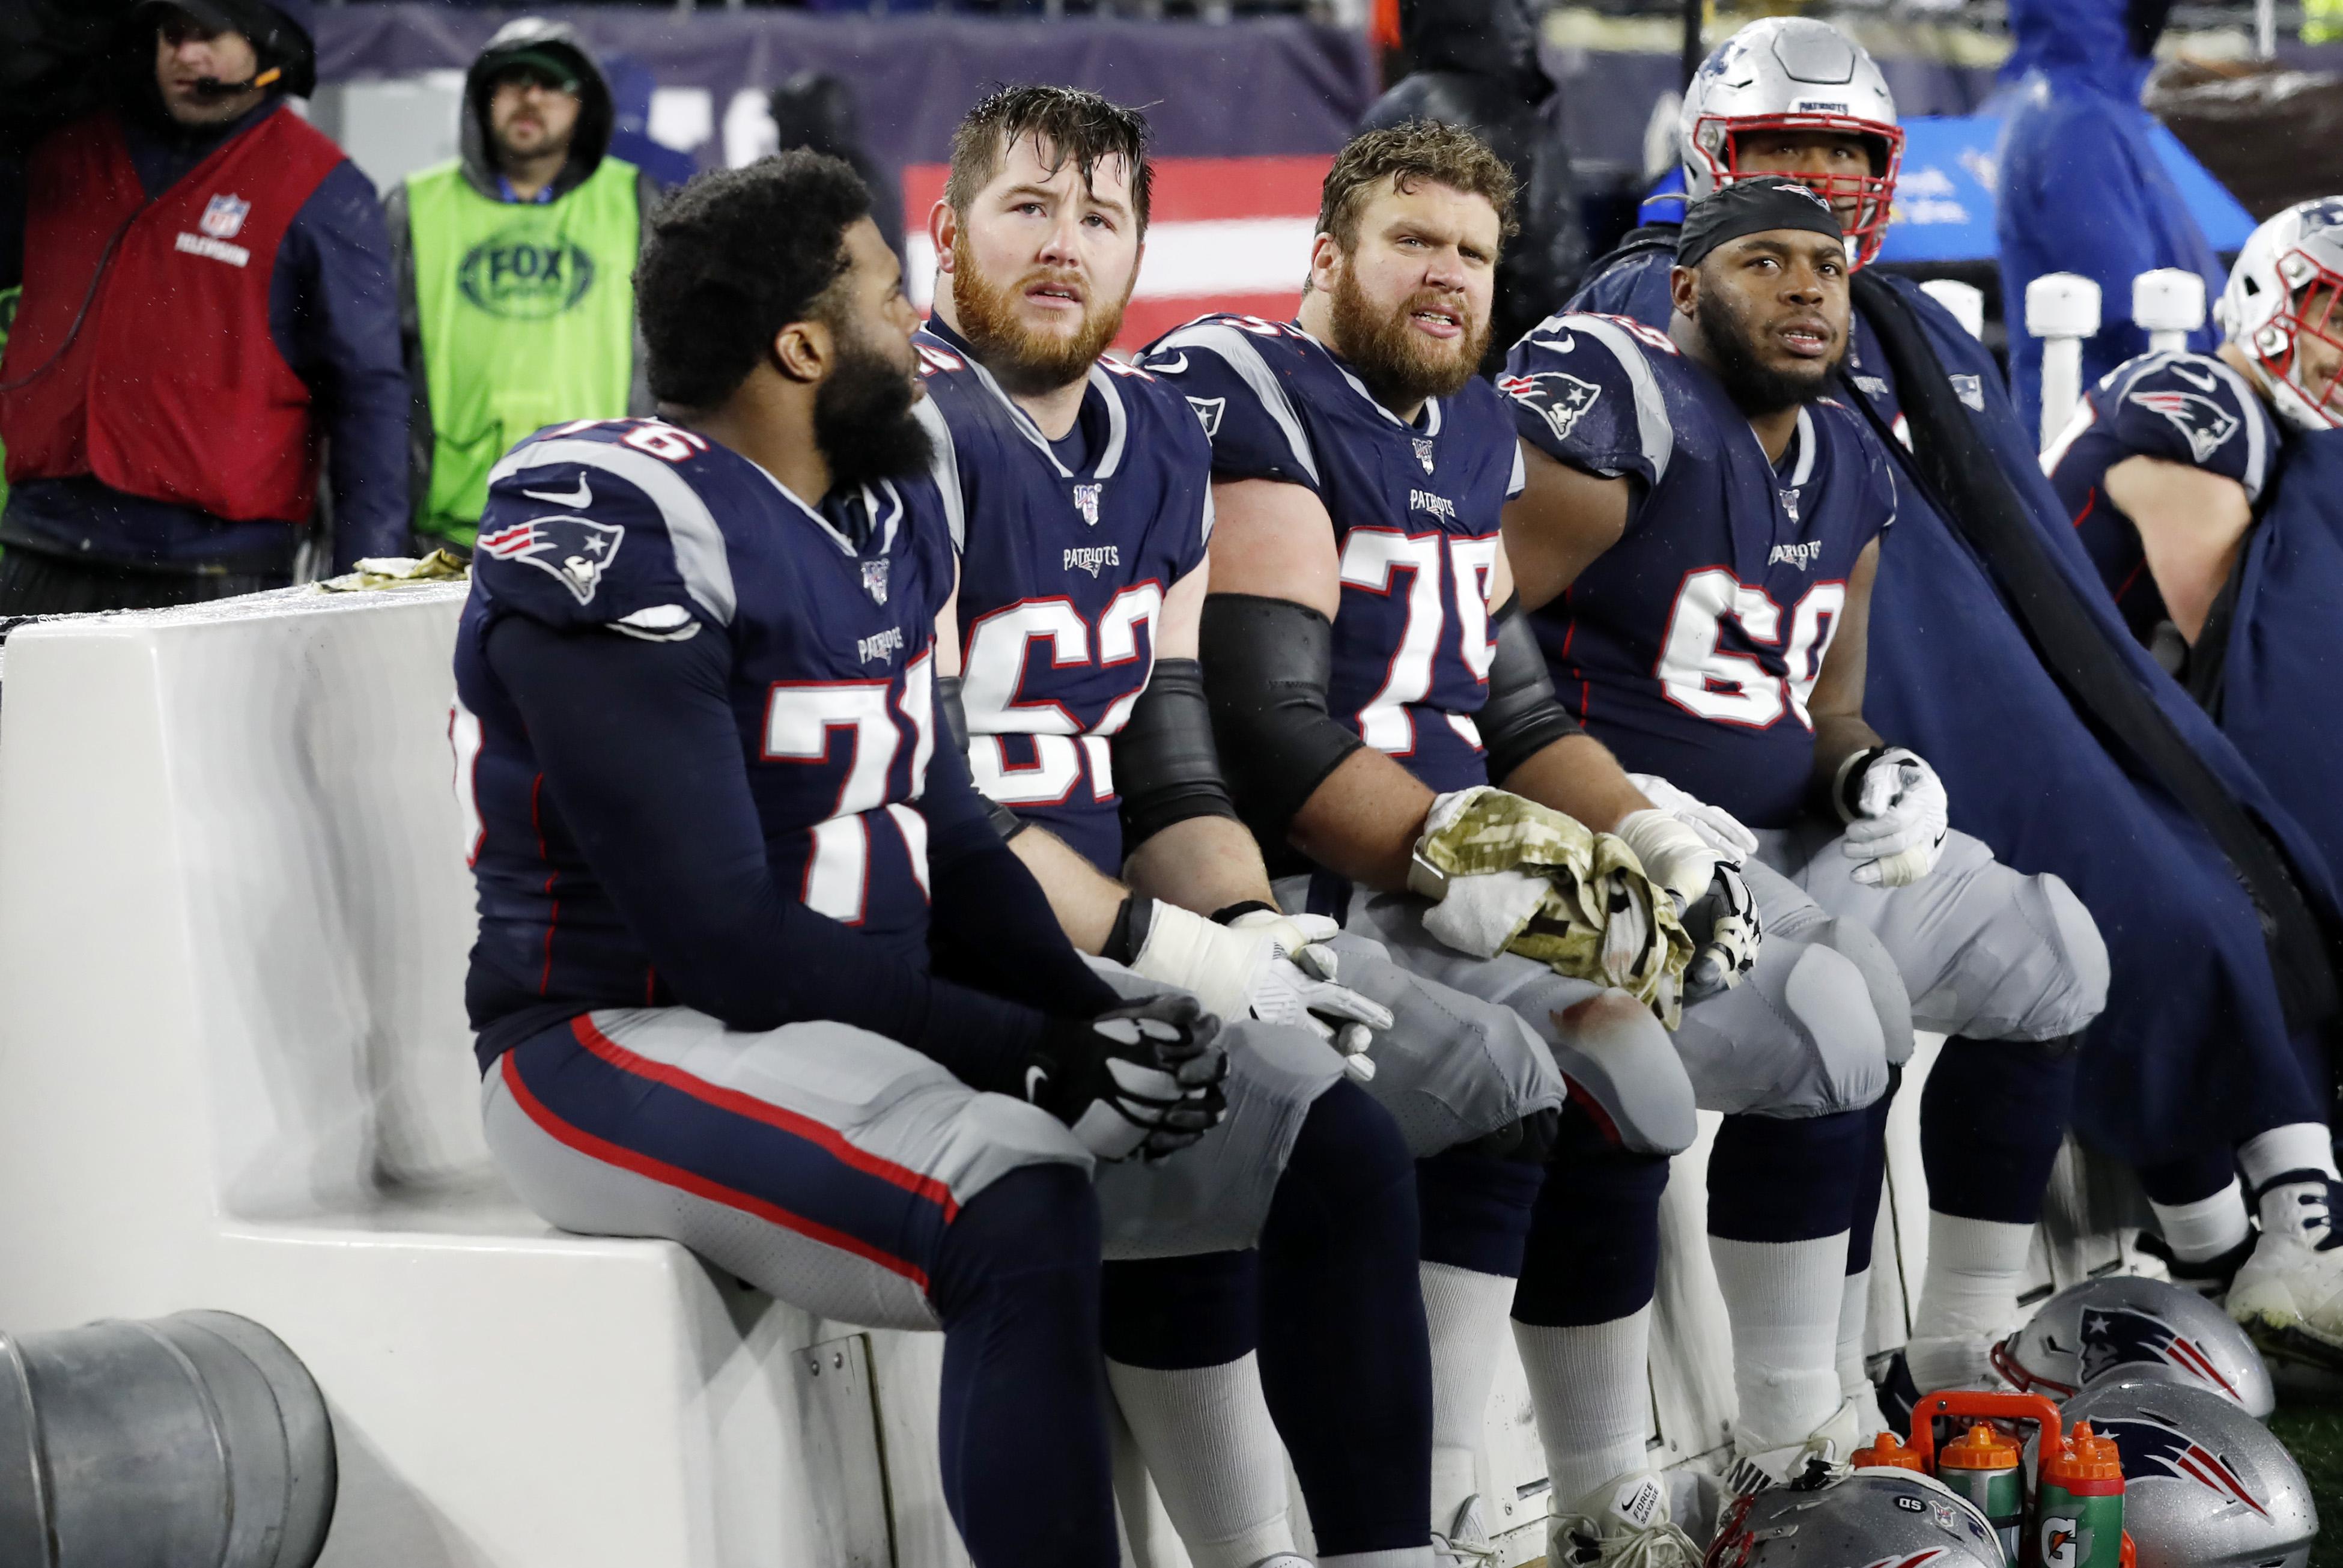 NFL: NOV 24 Cowboys at Patriots